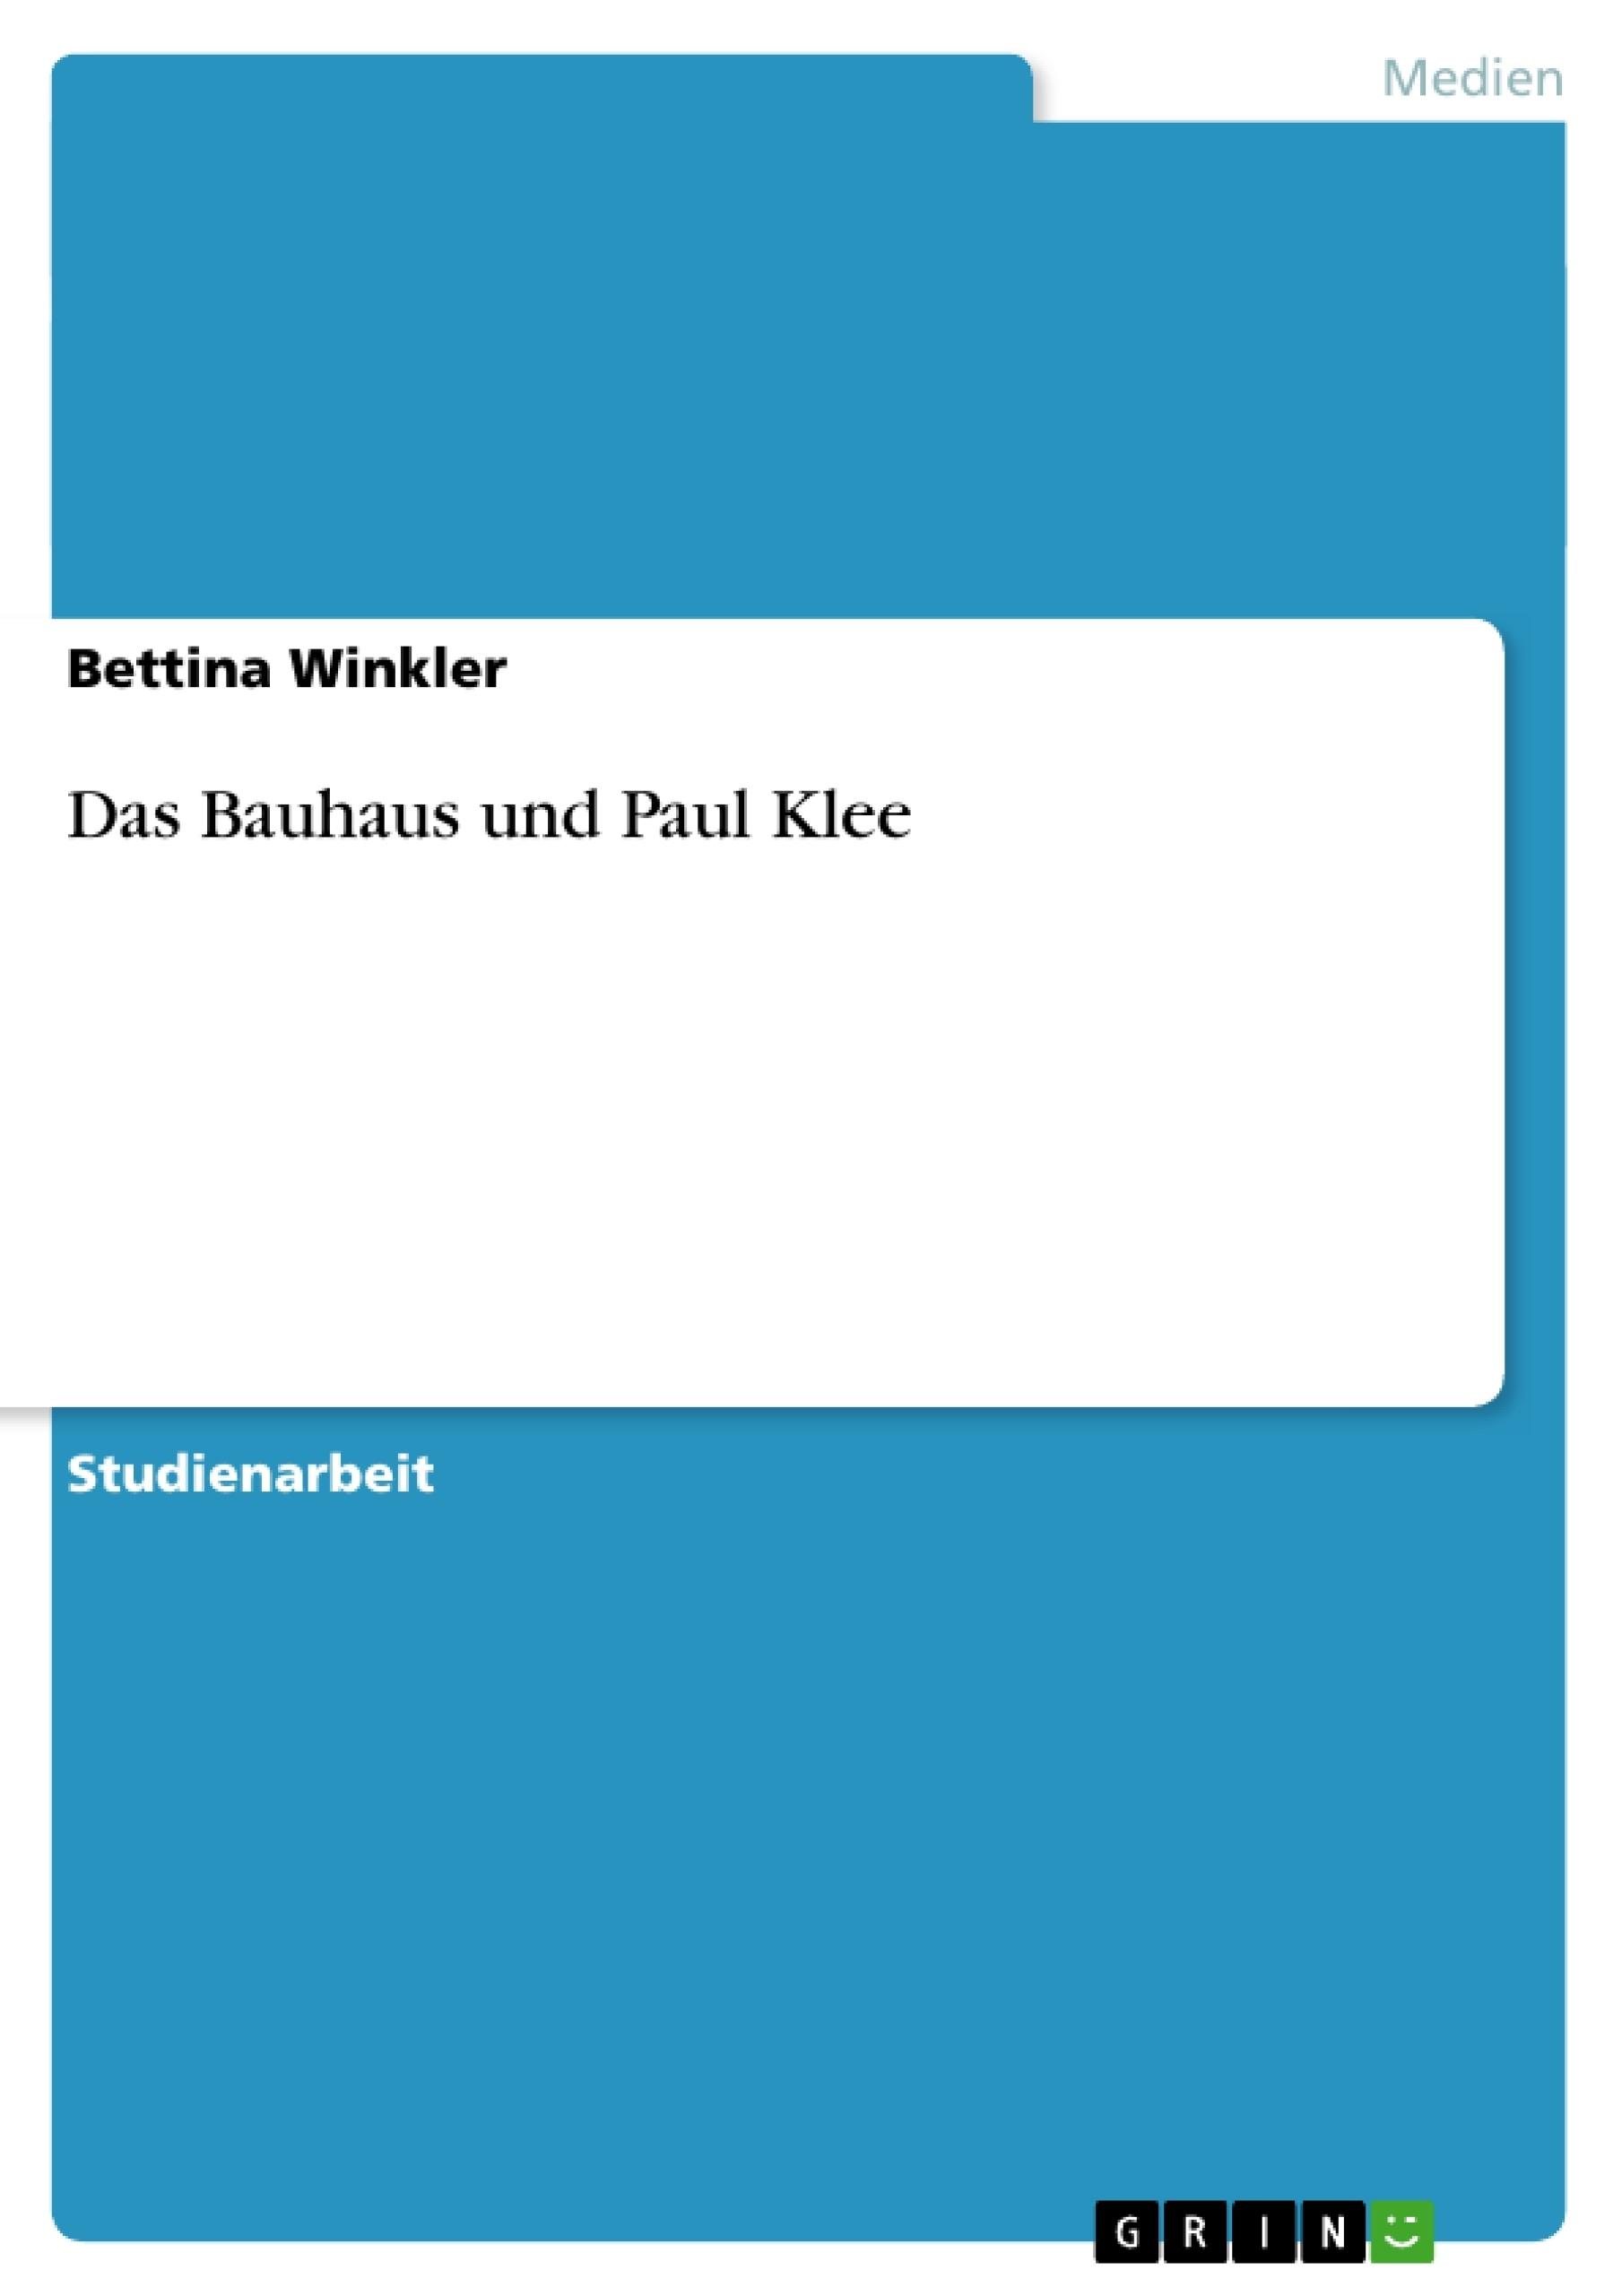 Titel: Das Bauhaus und Paul Klee